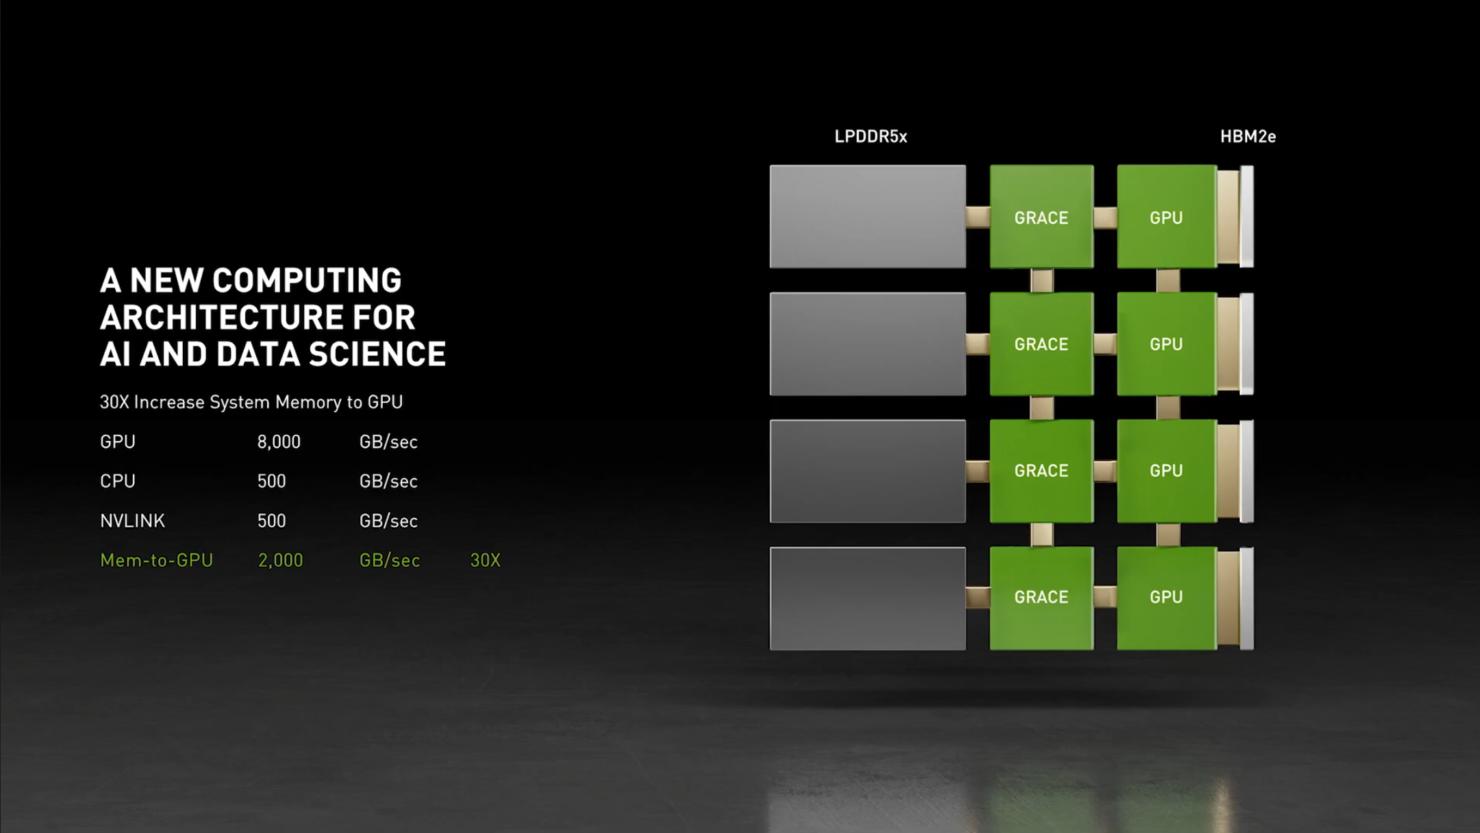 nvidia-grace-arm-cpu-performance-vs-x86-_1